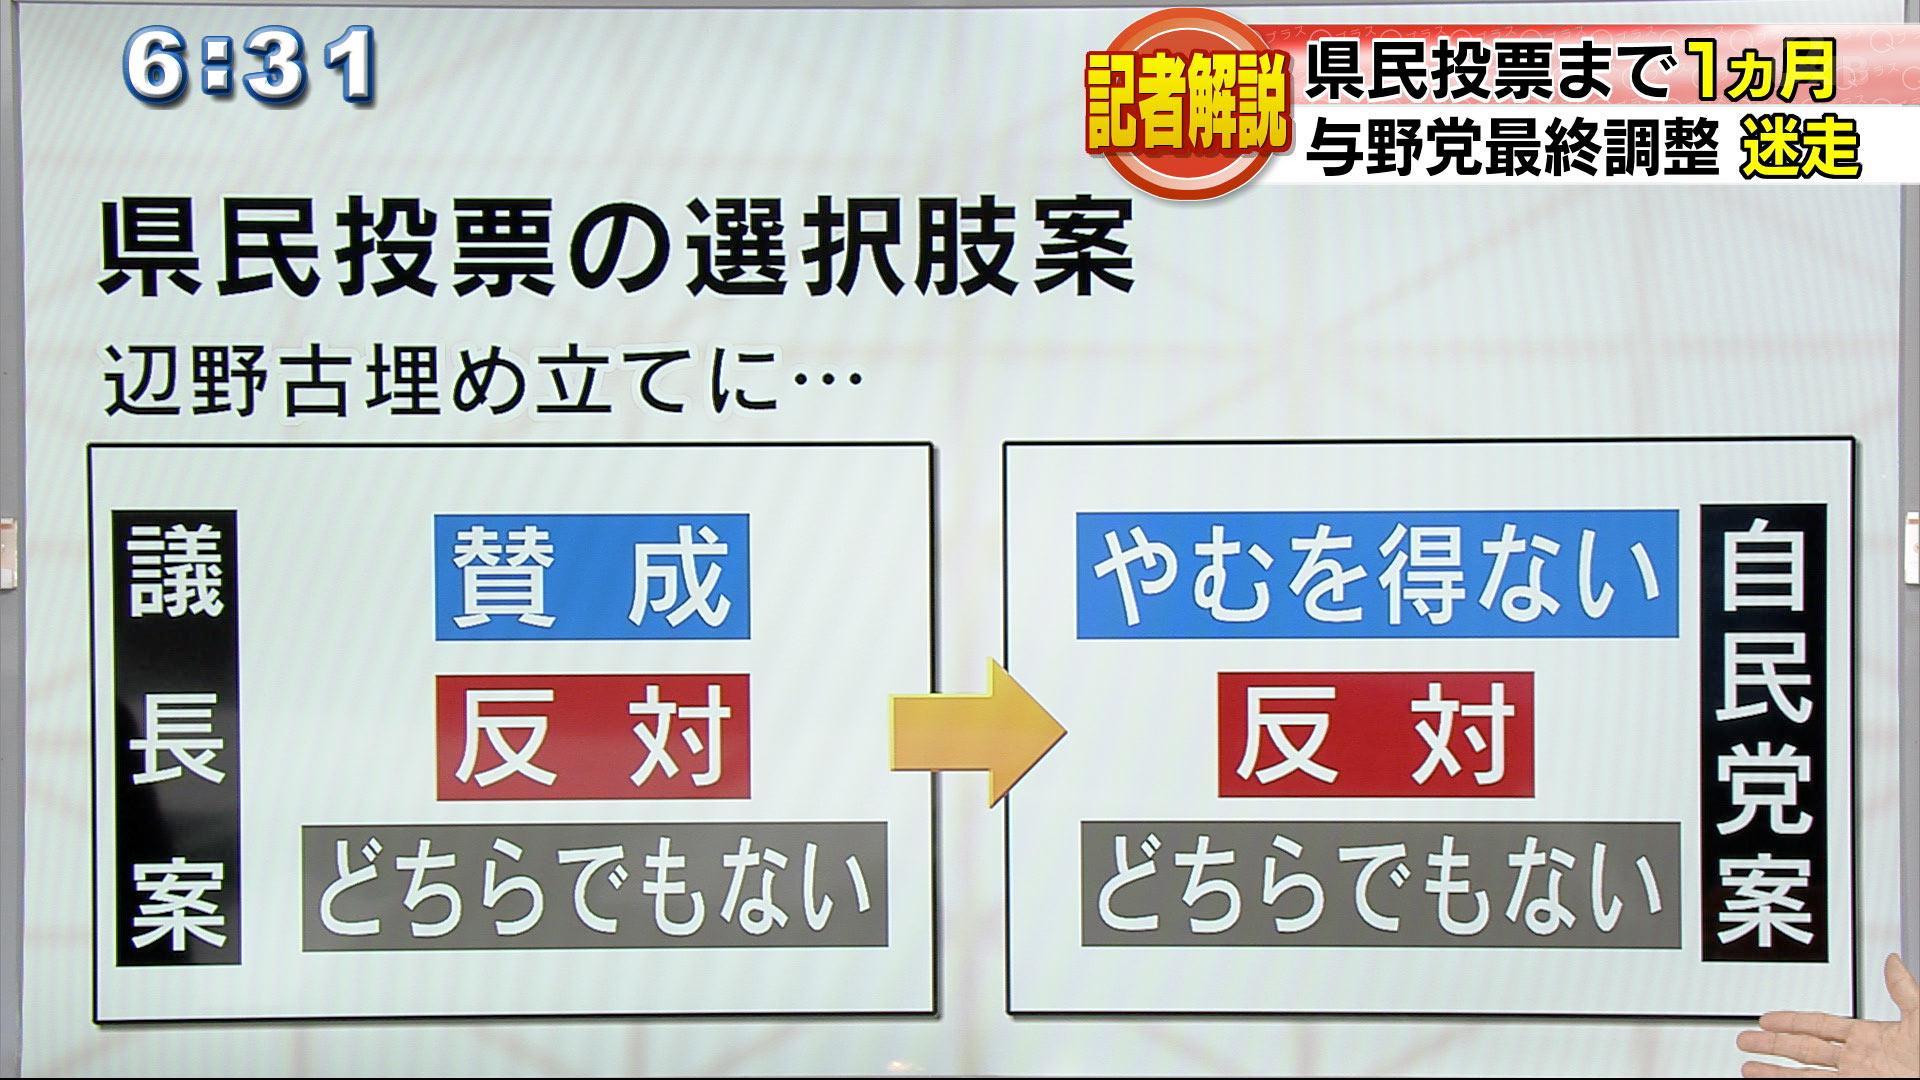 記者解説 3択与野党調整続く 自民党も3択新案提示